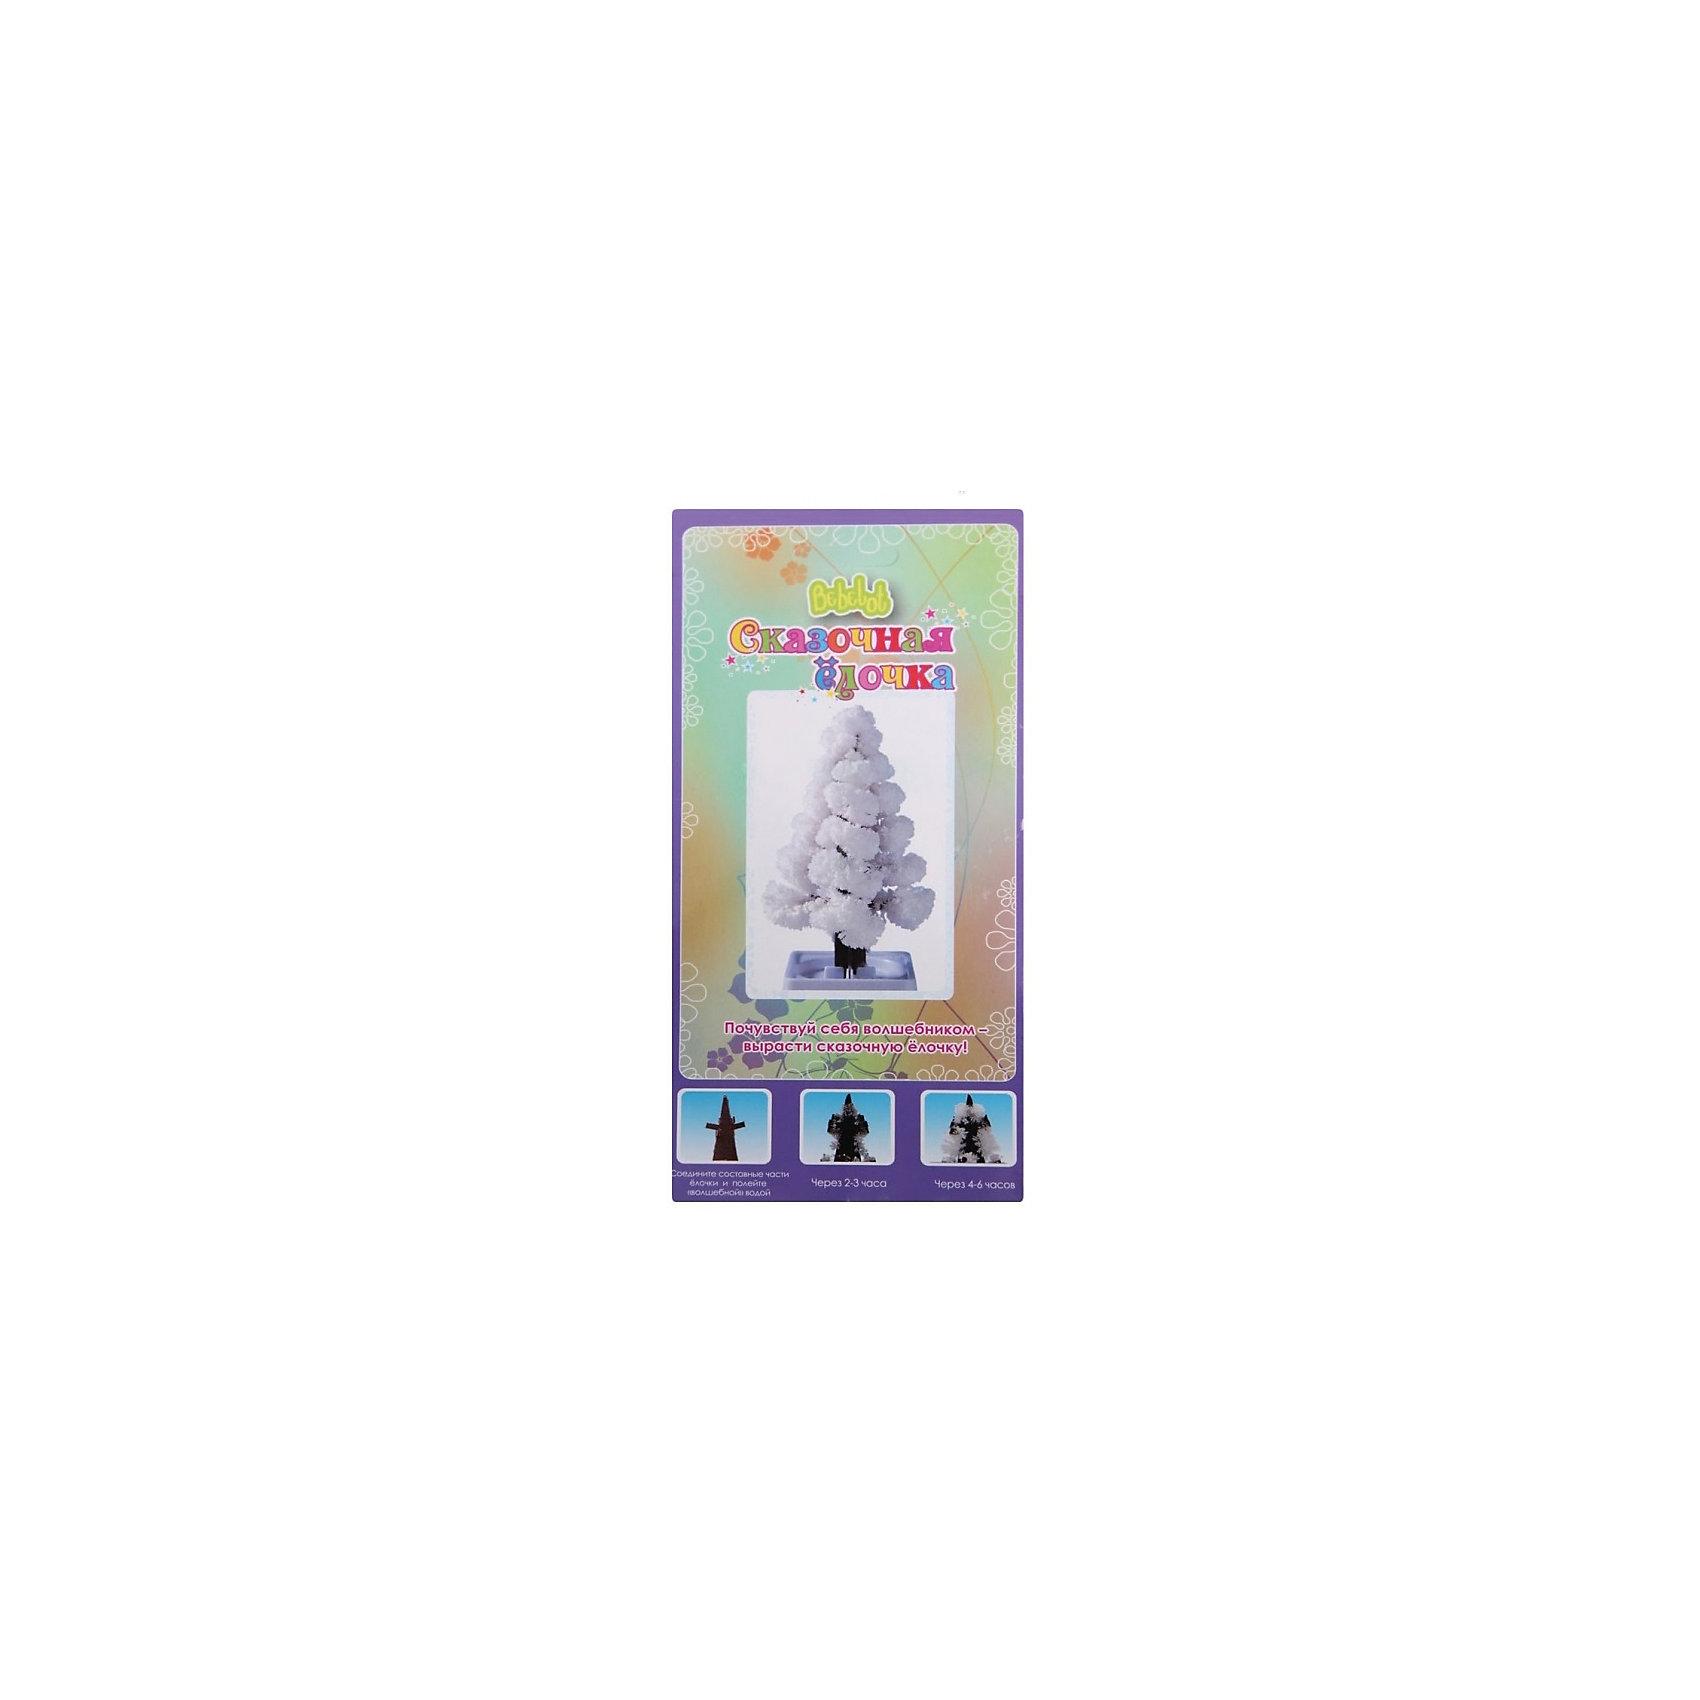 Игровой набор Сказочная ёлочка (белый)Выращивание кристаллов<br>Характеристики товара:<br><br>• размер упаковки: 21x15x11 см<br>• вес: 60 г<br>• комплектация: картонная фигурка, пластиковая ёмкость, раствор пищевой соли<br>• возраст: от пяти лет<br>• упаковка: картон<br>• страна бренда: Китай<br>• страна изготовитель: Китай<br><br>Такой набор станет отличным подарком ребенку - ведь с помощью него из кристаллов можно вырастить ёлочку самому! В набор входят различные предметы и инструкция. Это отличный способ занять ребенка!<br>Создание чего-либо своими руками помогает детям развивать важные навыки и способности, оно активизирует мышление, формирует усидчивость, логику, мелкую моторику и воображение. Изделие производится из качественных и проверенных материалов, которые безопасны для детей.<br><br>Игровой набор Новогодняя ёлочка от бренда Bebelot можно купить в нашем интернет-магазине.<br><br>Ширина мм: 215<br>Глубина мм: 15<br>Высота мм: 107<br>Вес г: 69<br>Возраст от месяцев: 72<br>Возраст до месяцев: 108<br>Пол: Унисекс<br>Возраст: Детский<br>SKU: 5168535